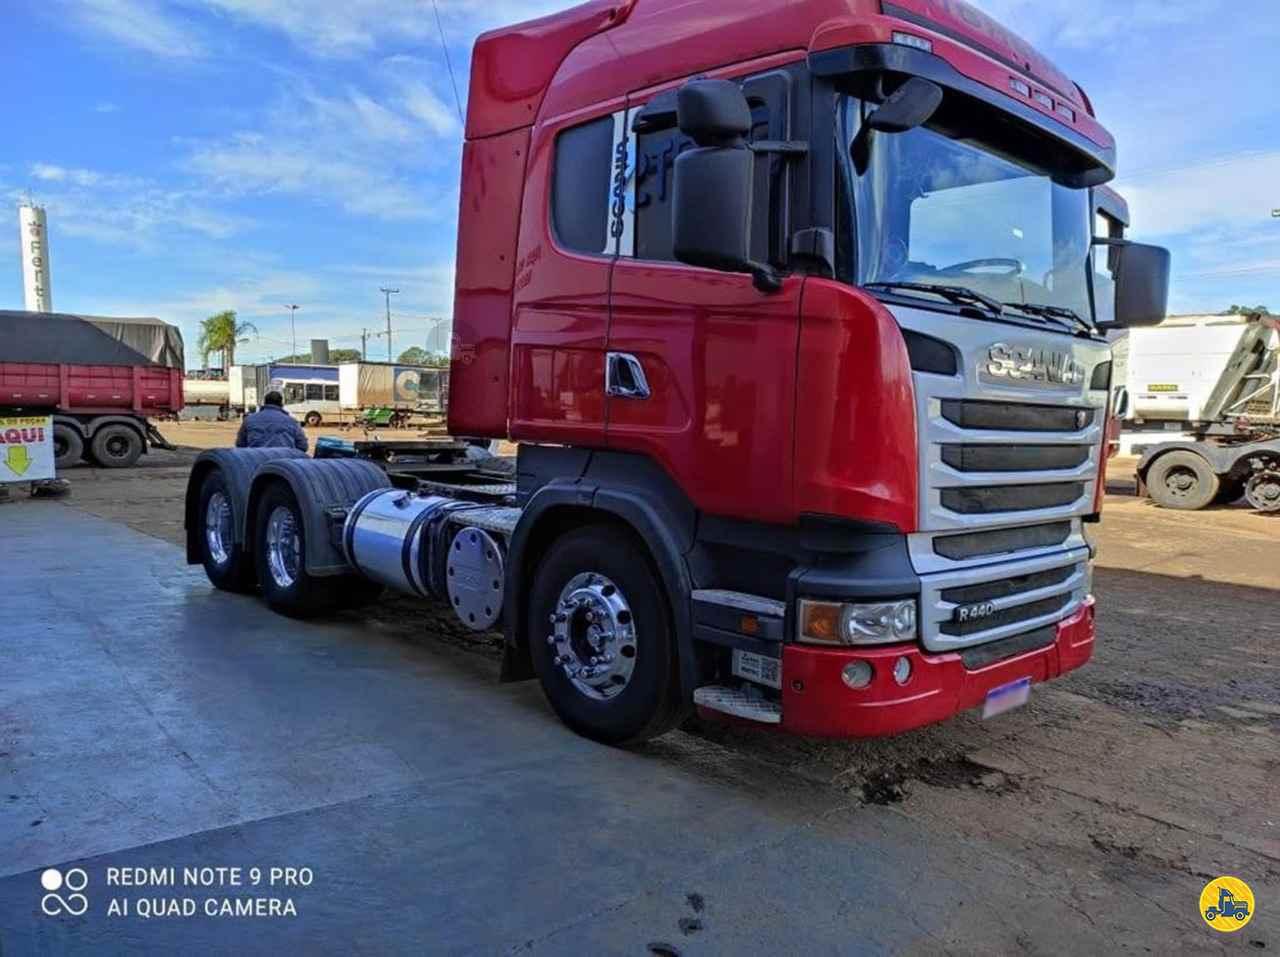 CAMINHAO SCANIA SCANIA 440 Cavalo Mecânico Truck 6x2 Mundial Caminhões e Carretas PALMITAL SÃO PAULO SP